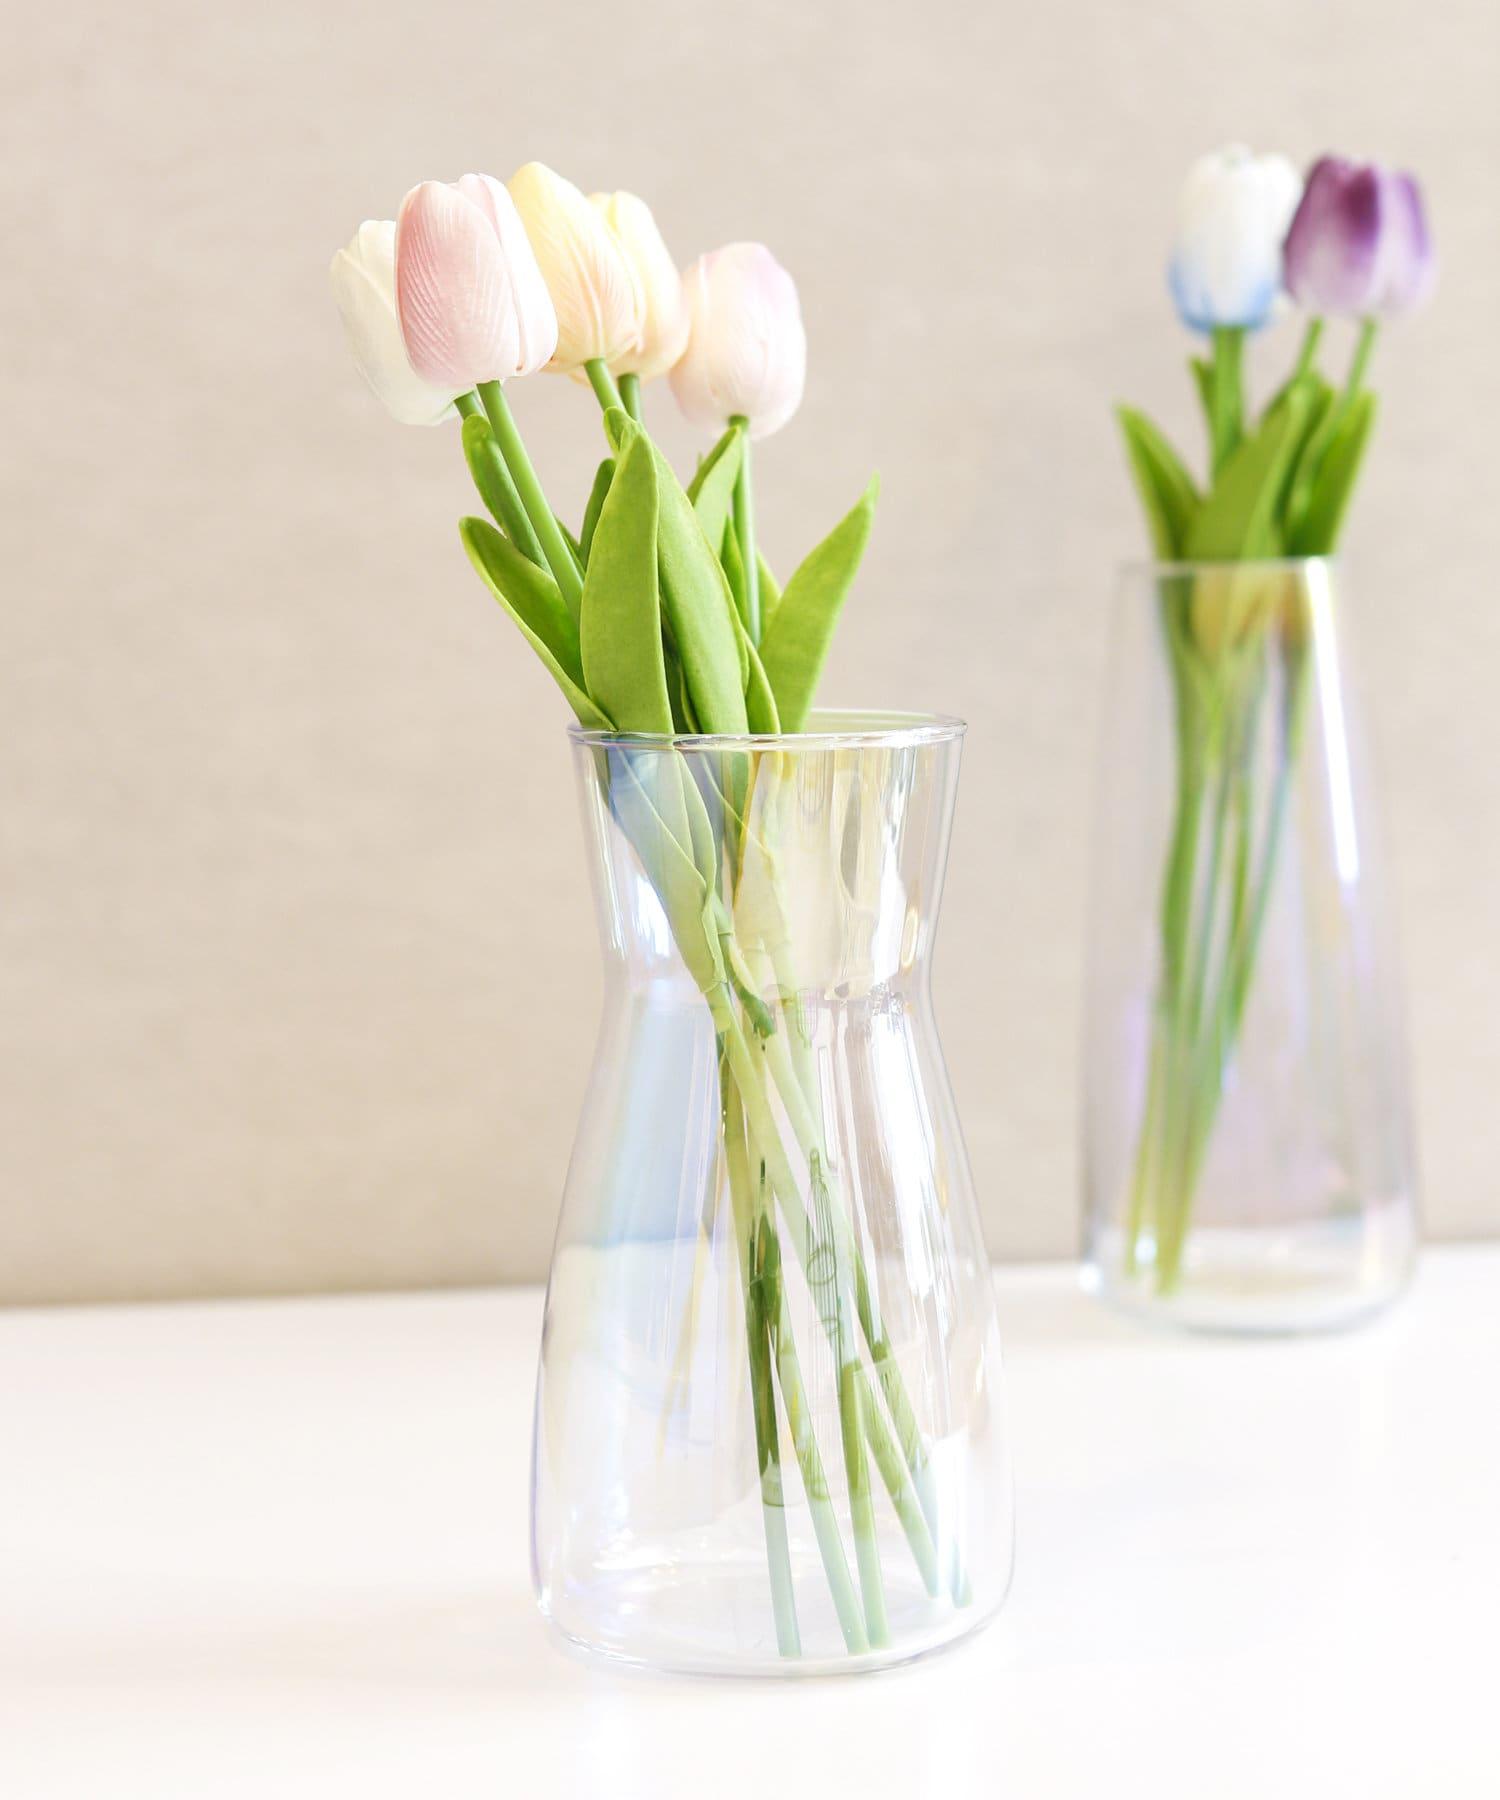 ASOKO(アソコ) 【fem fem fem】オーロラガラス花瓶